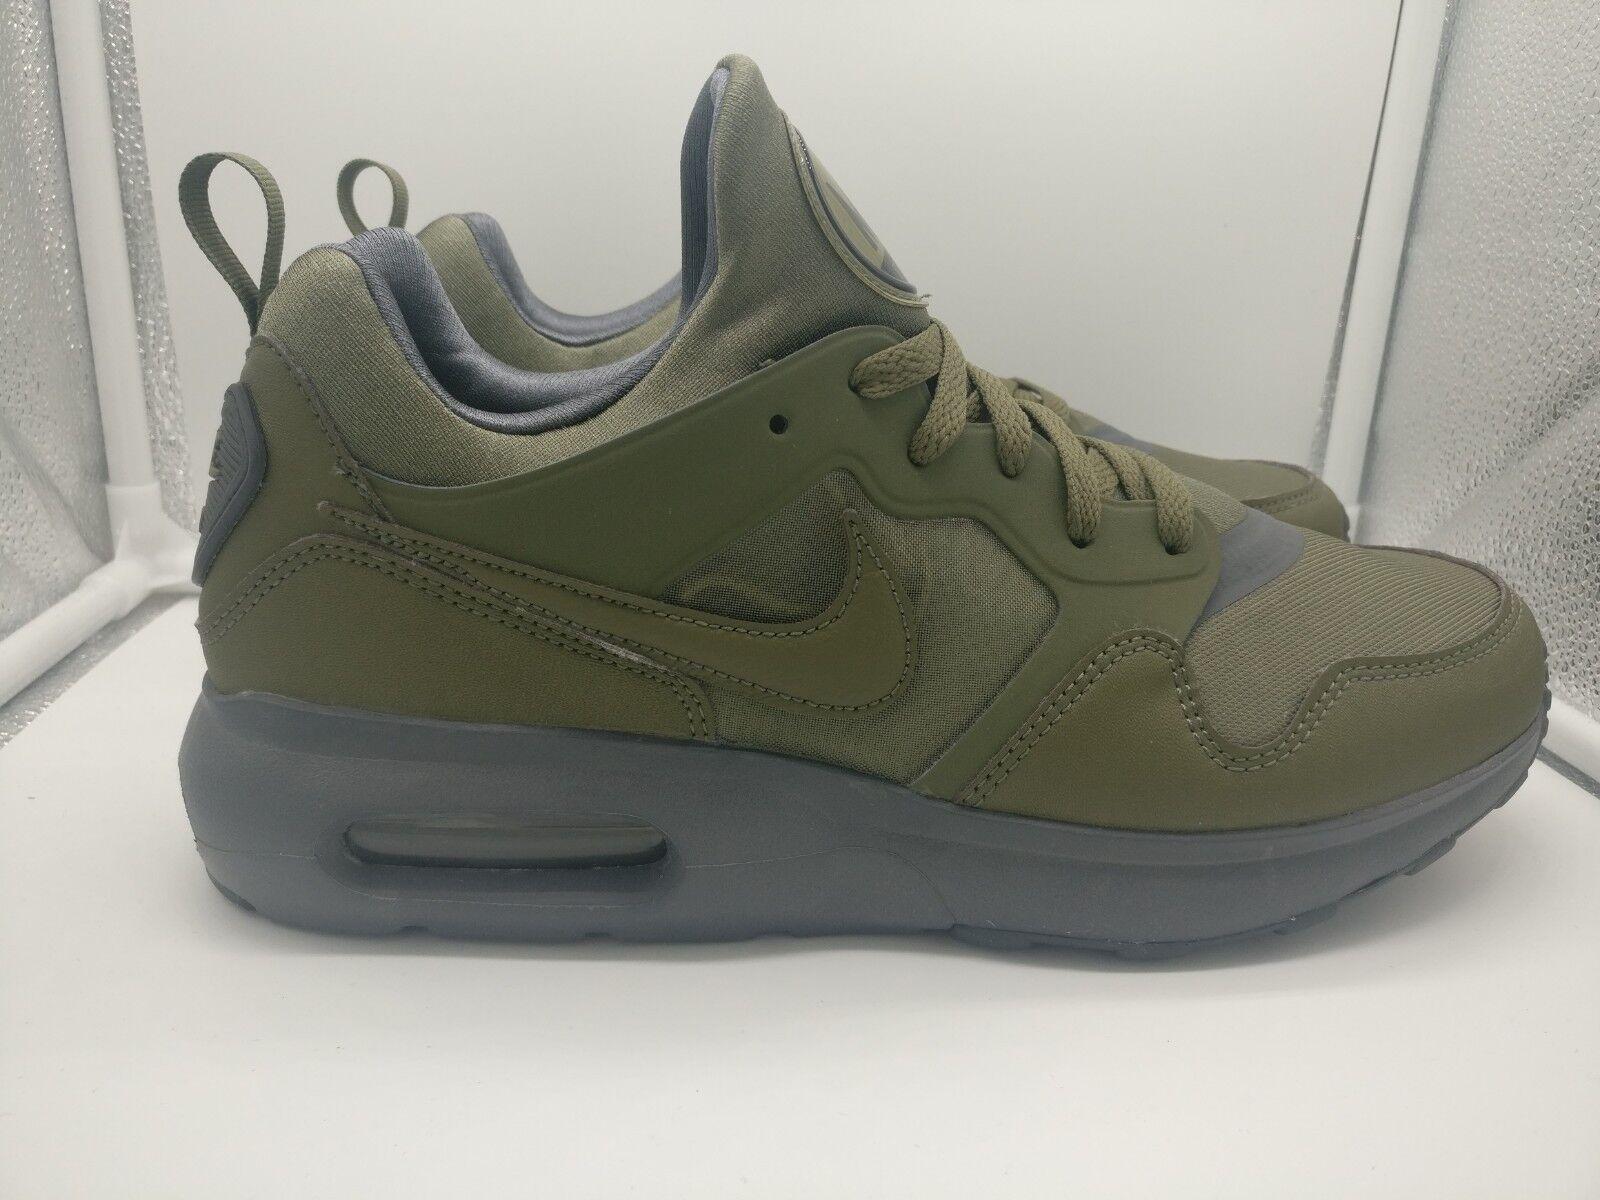 Nike Air Max Prime UK 5.5 Medium Olive 876068-200